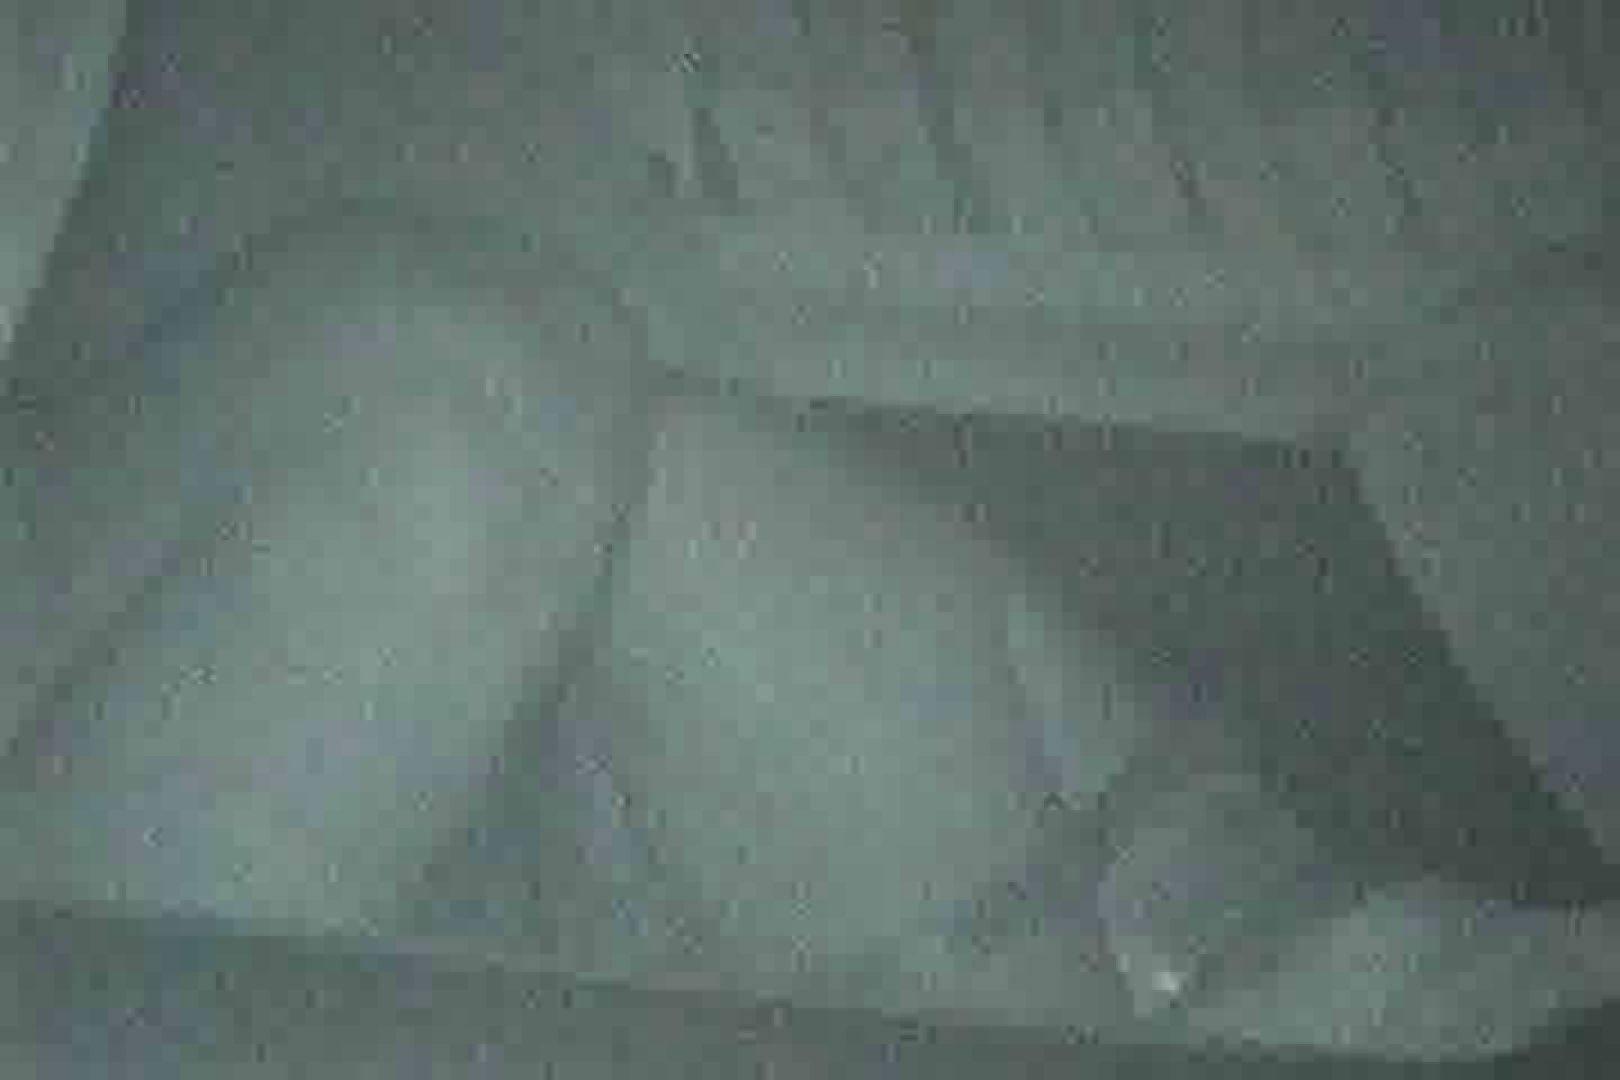 充血監督の深夜の運動会Vol.102 爆乳 盗撮AV動画キャプチャ 95PICs 67